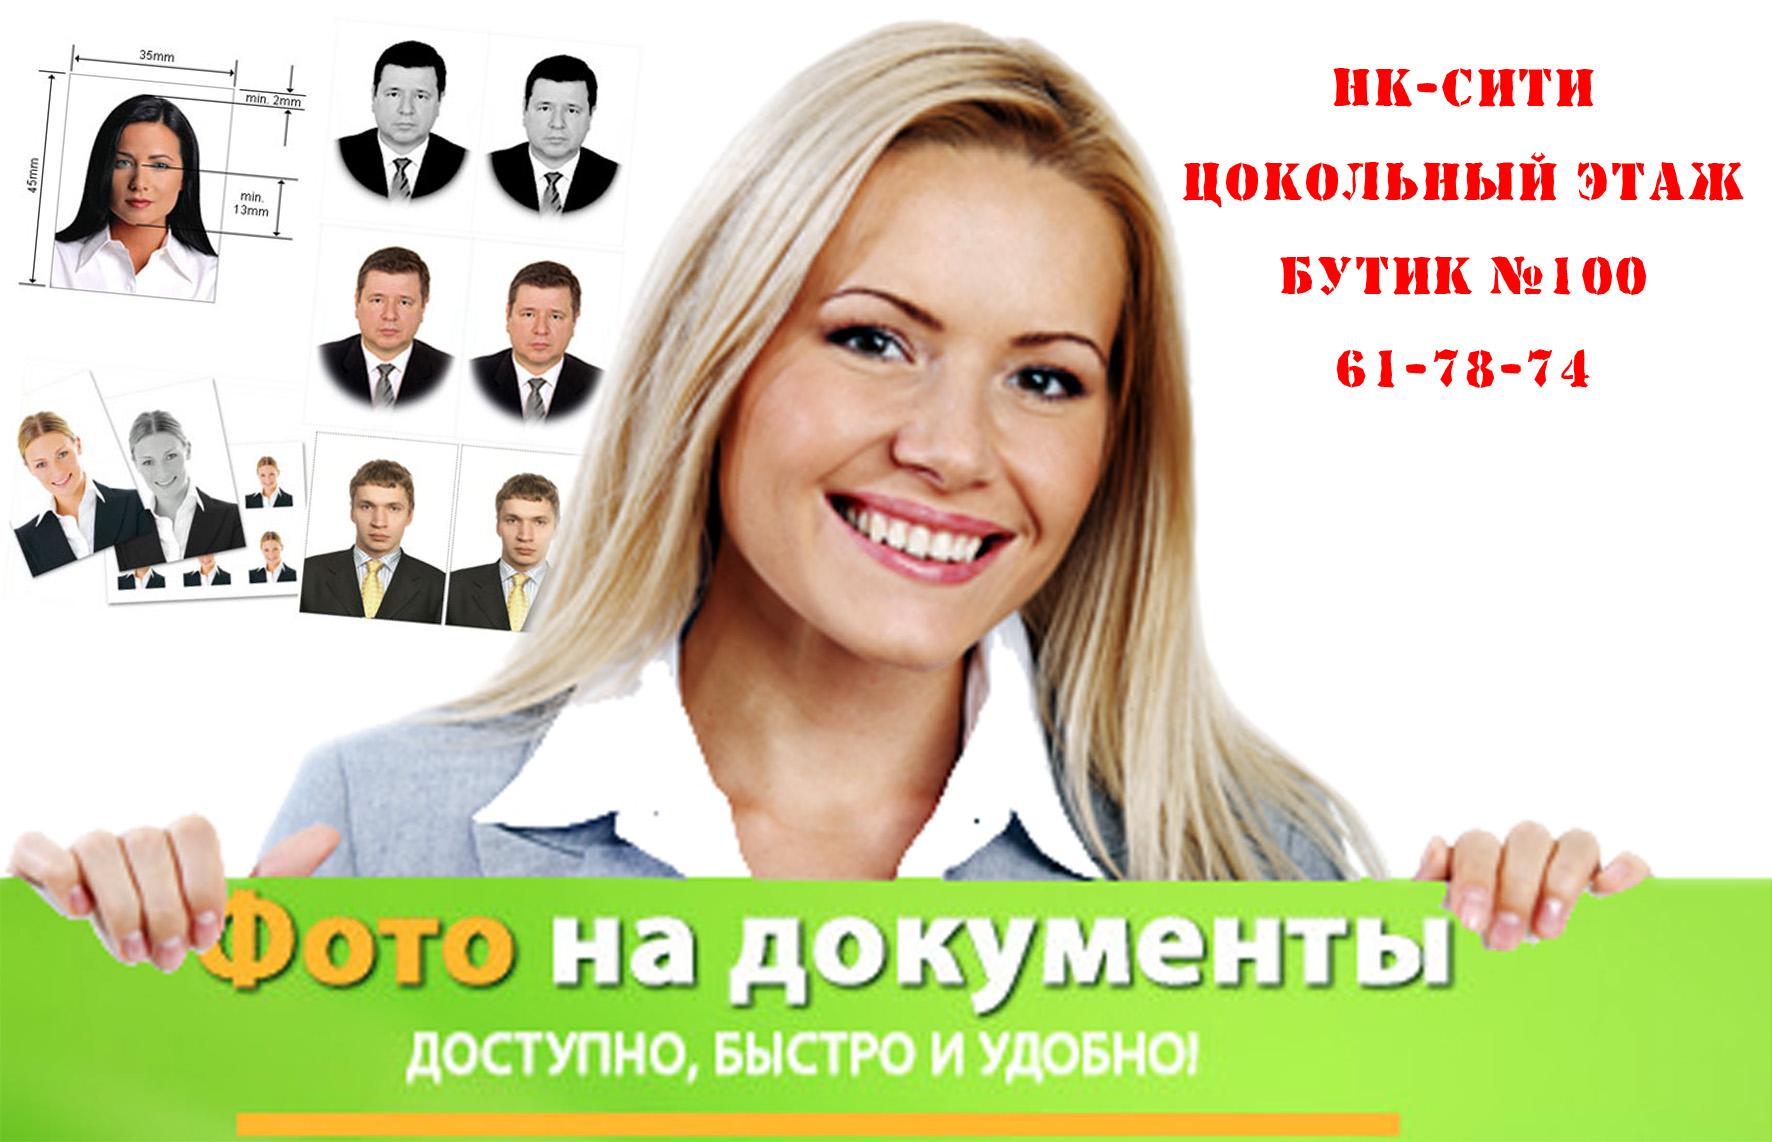 фото на документы хабаровск